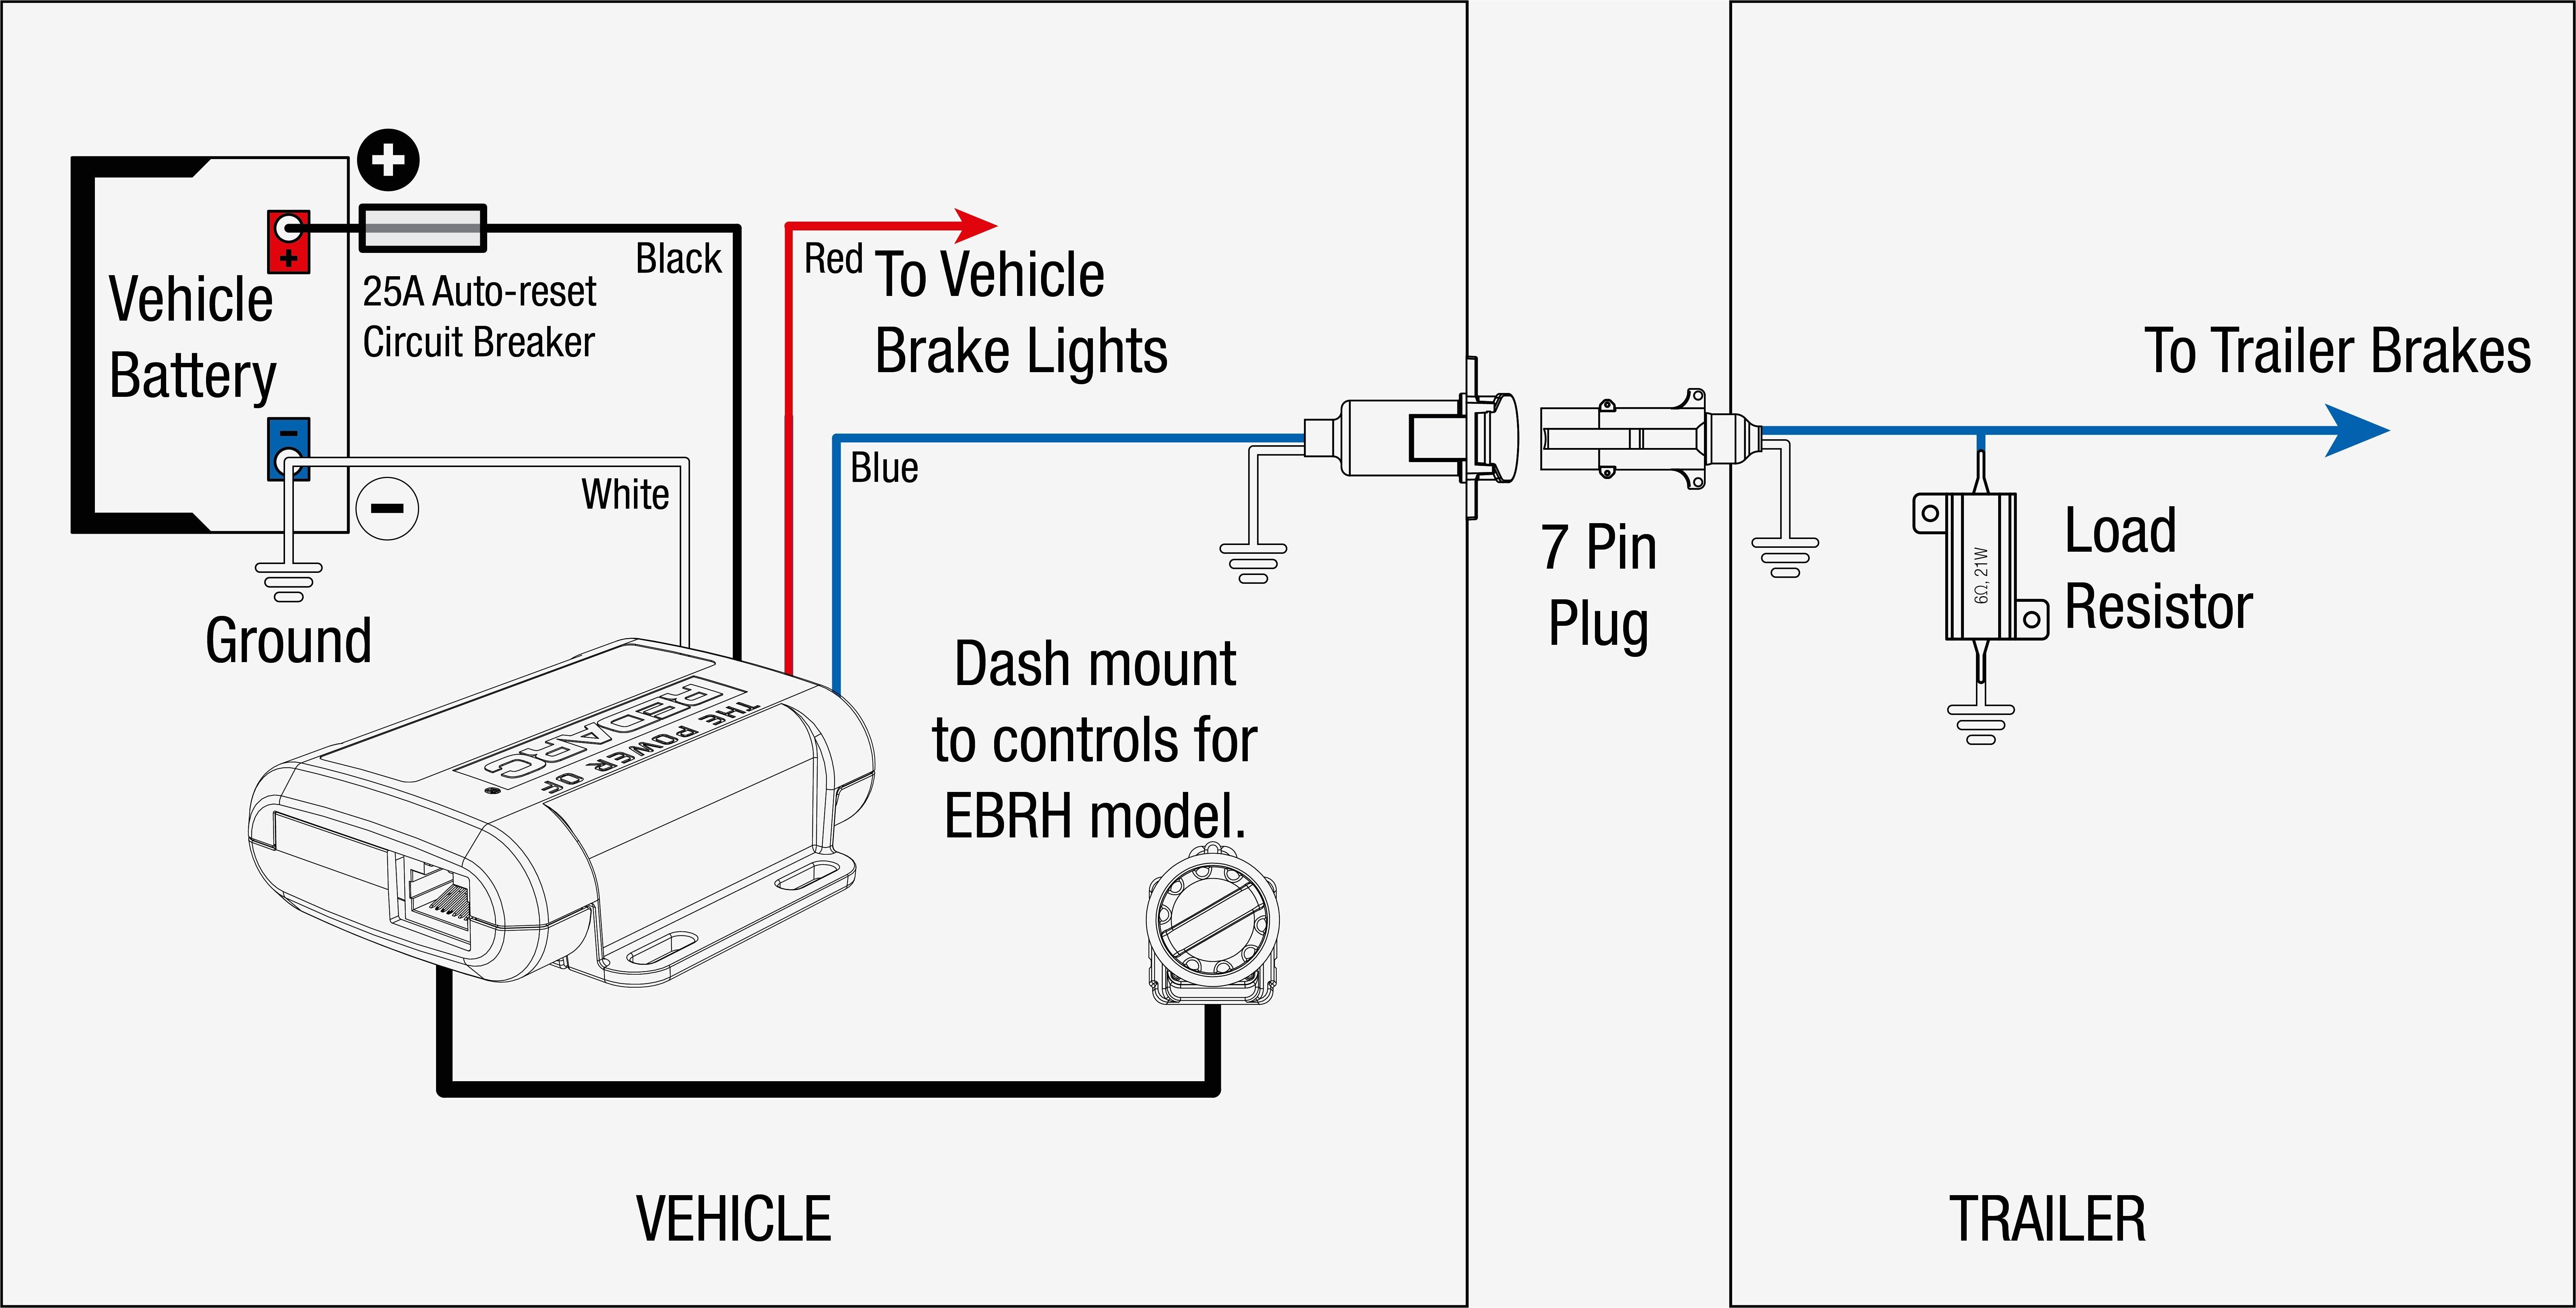 tekonsha prodigy wiring diagram wiring diagram experttekonsha prodigy wiring diagram wiring diagram datasource tekonsha prodigy brake